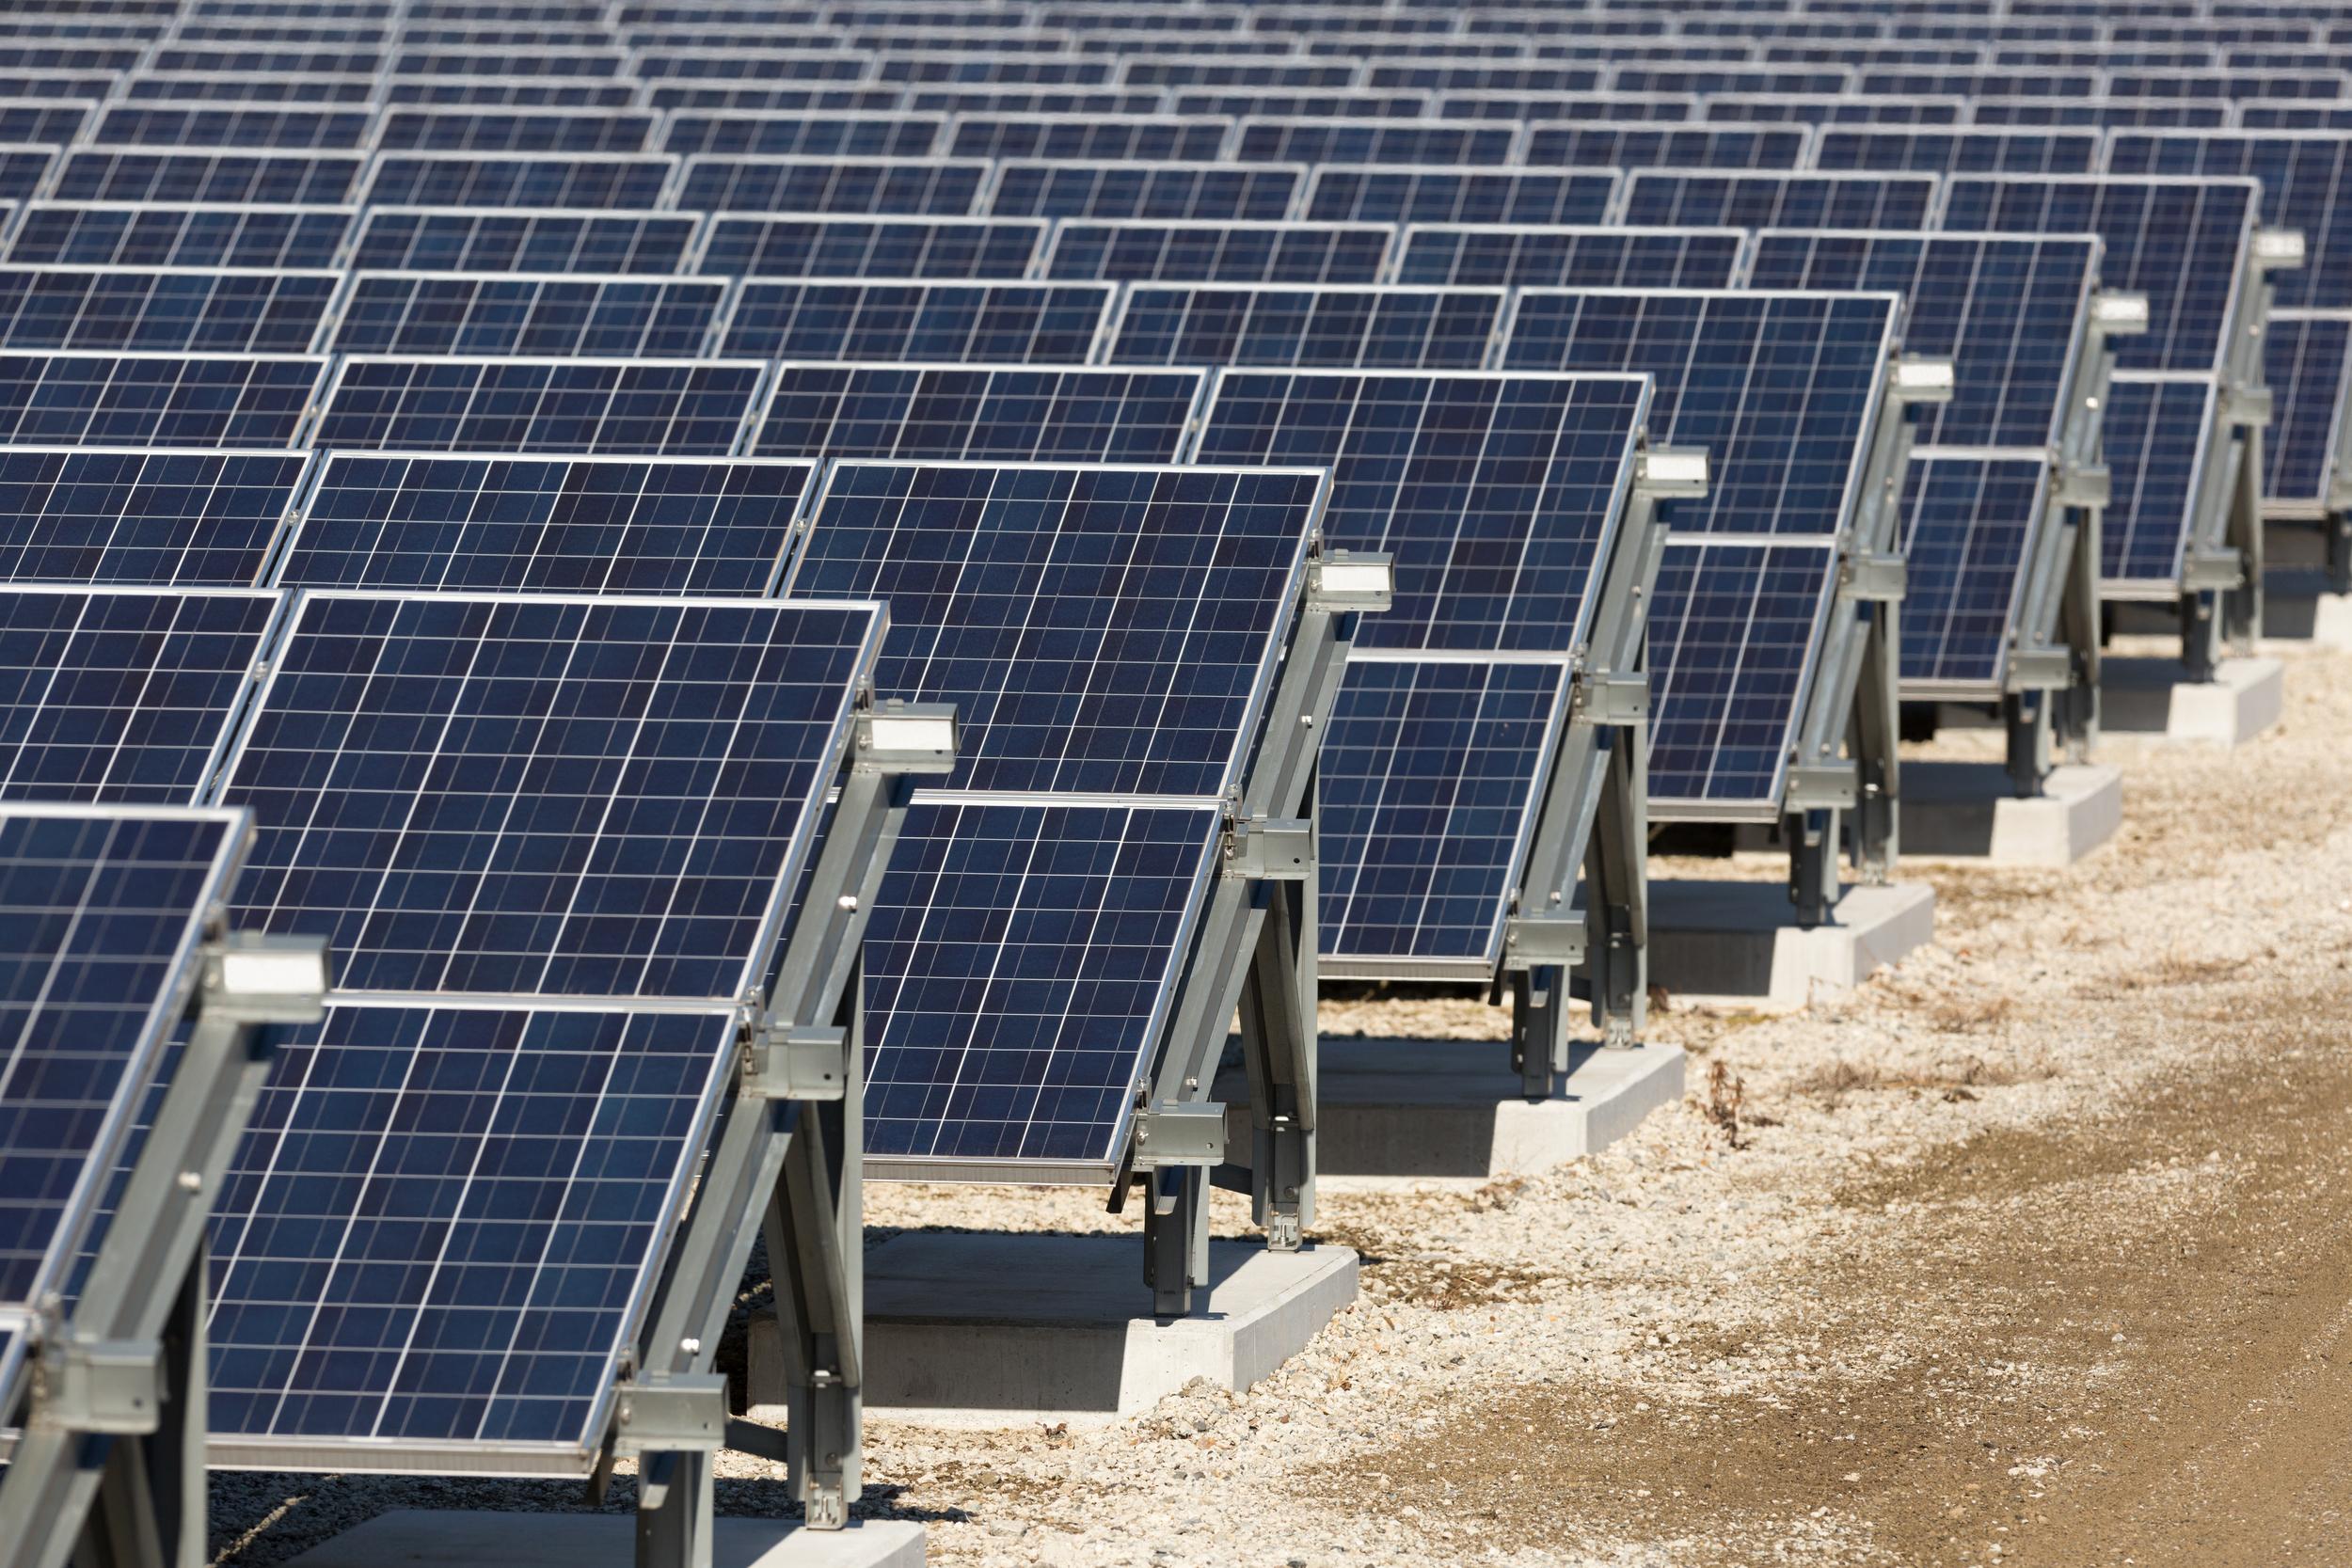 太陽光ファンド会社、優遇税制を不正利用